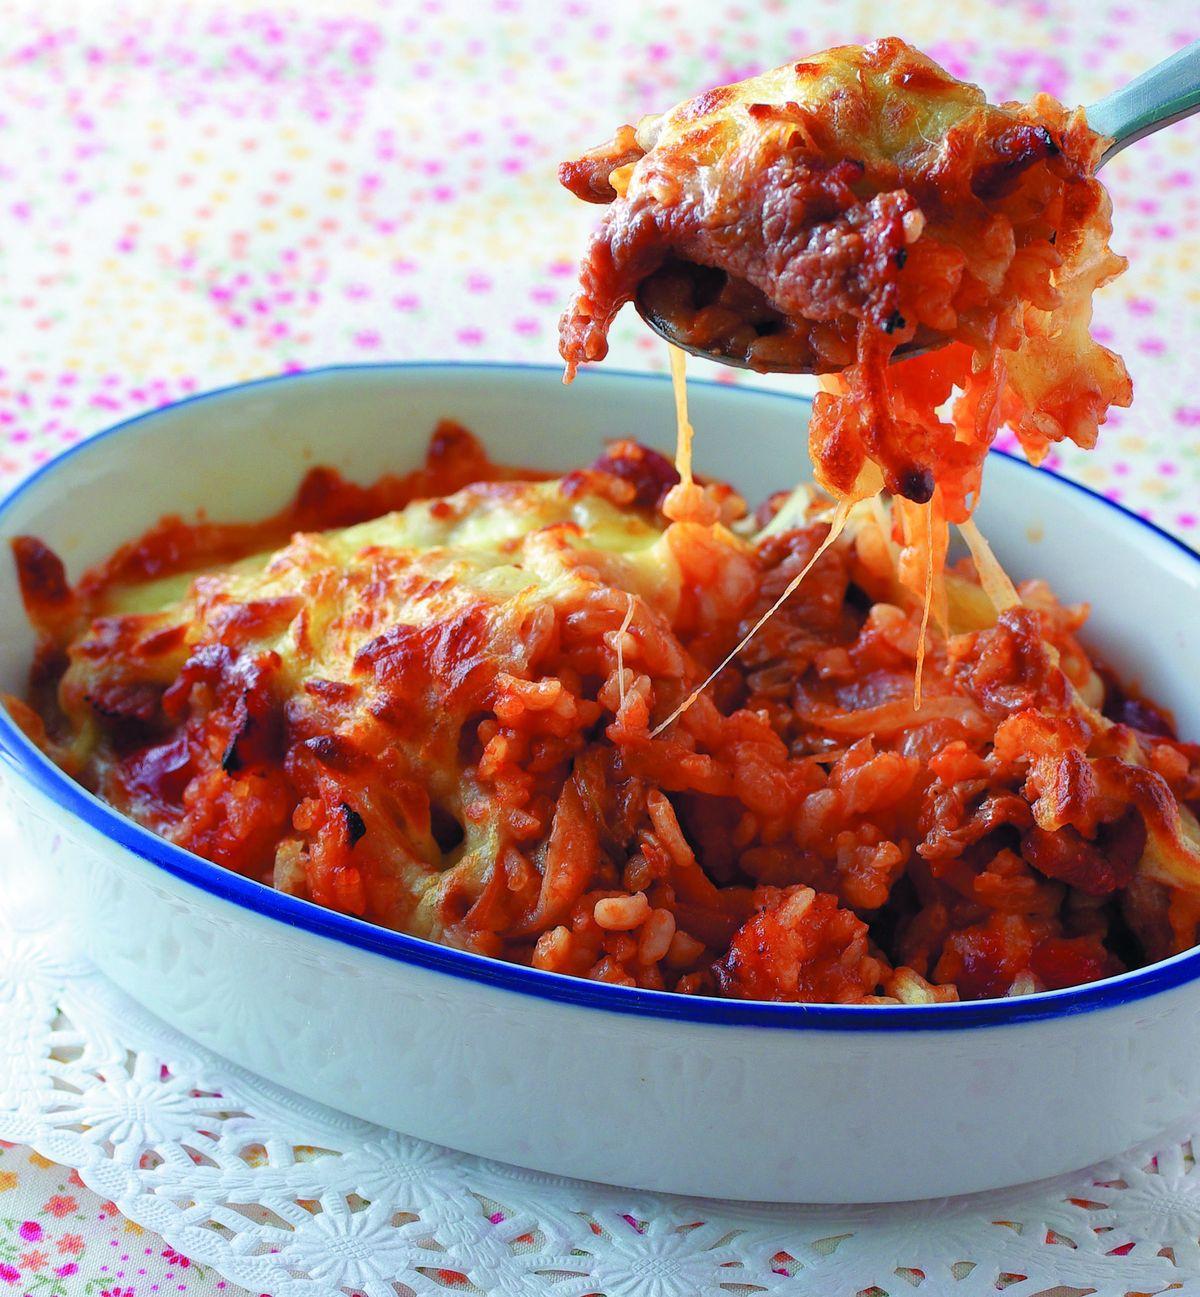 食譜:洋蔥豬肉焗飯